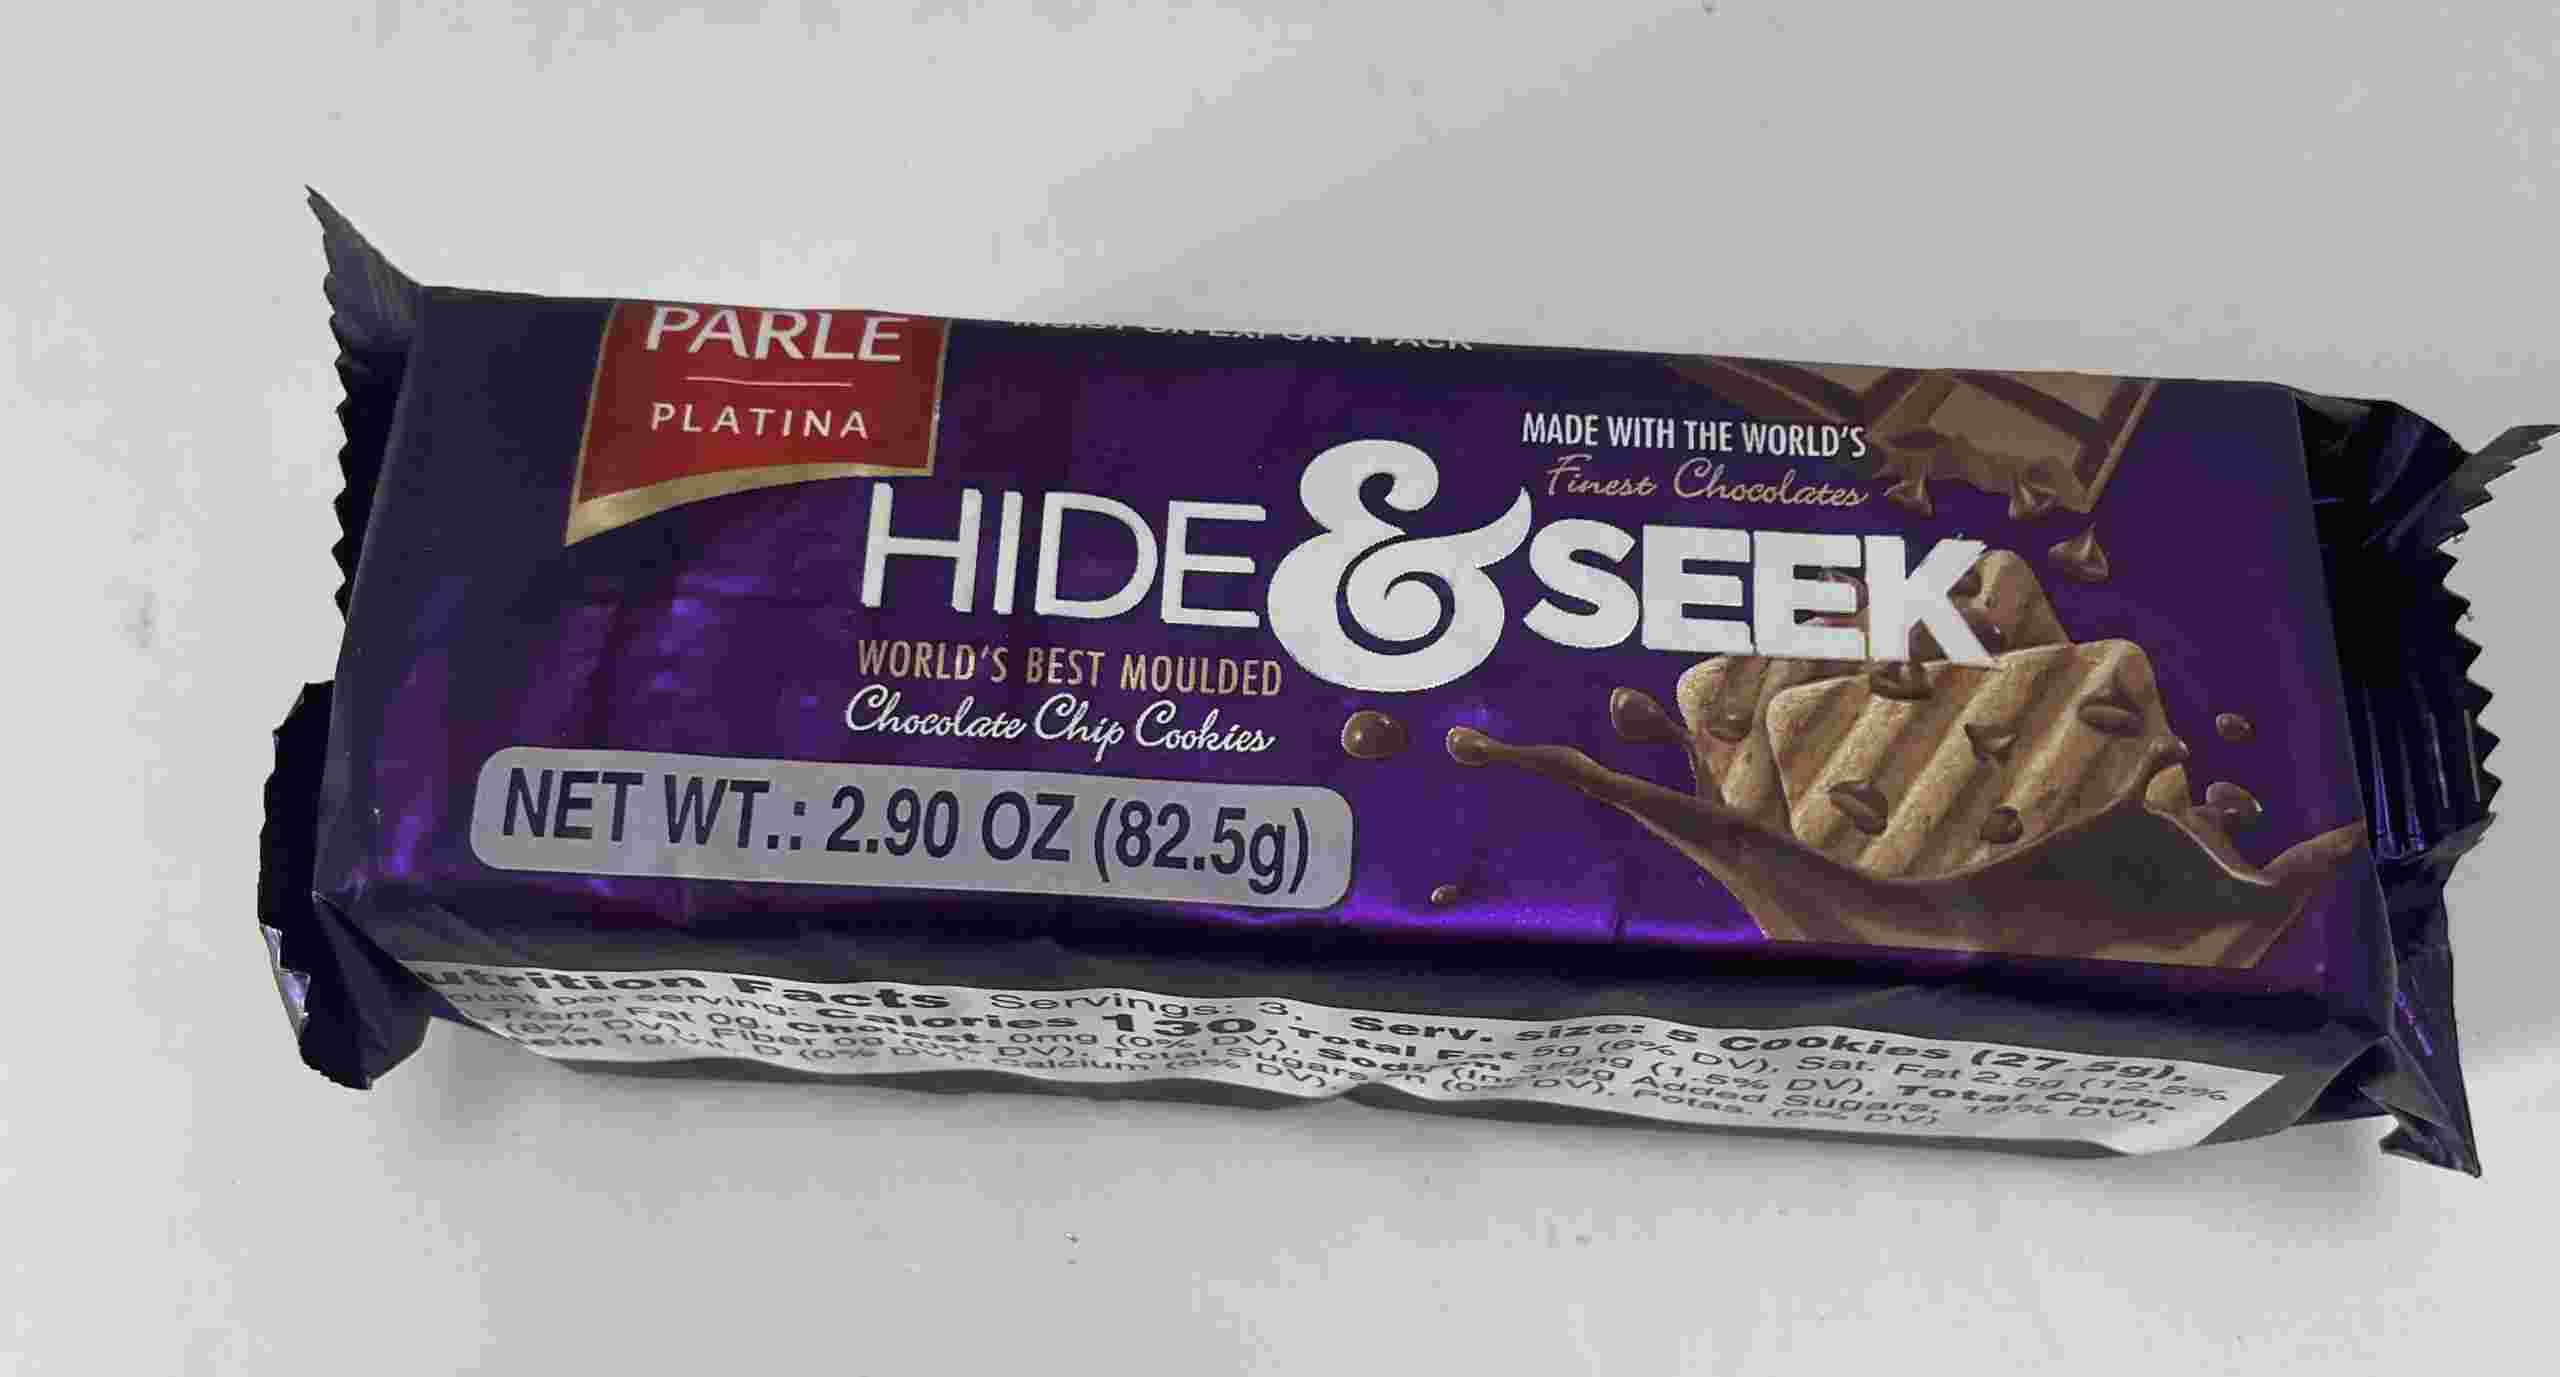 Parle Hide & Seek Chocolate Chip Cookie